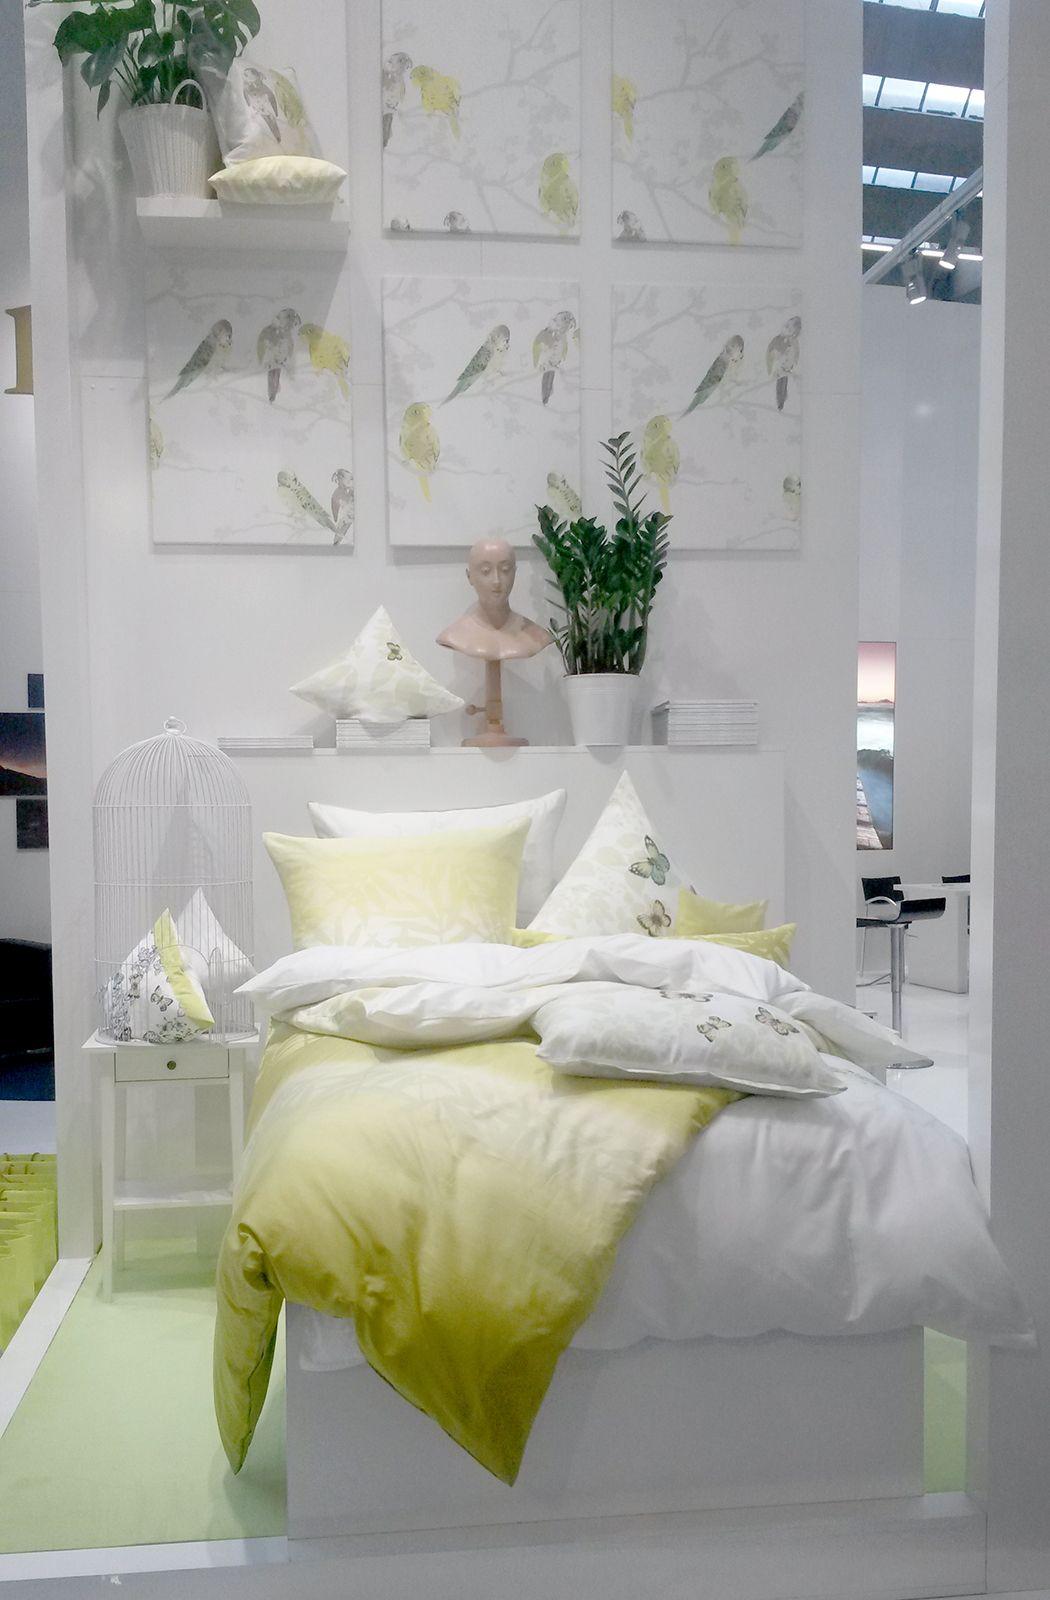 Schöne helle Bettwäsche in grün und weiß und die passende